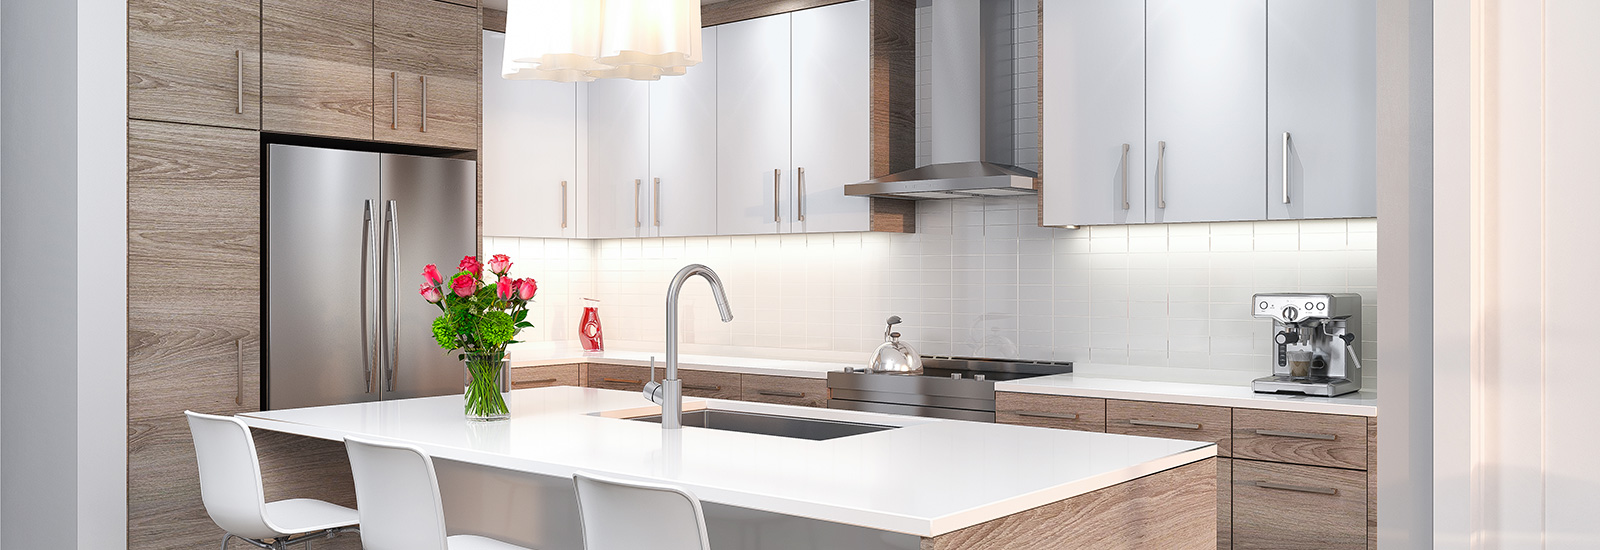 1600x550-TheMark-kitchen.jpg